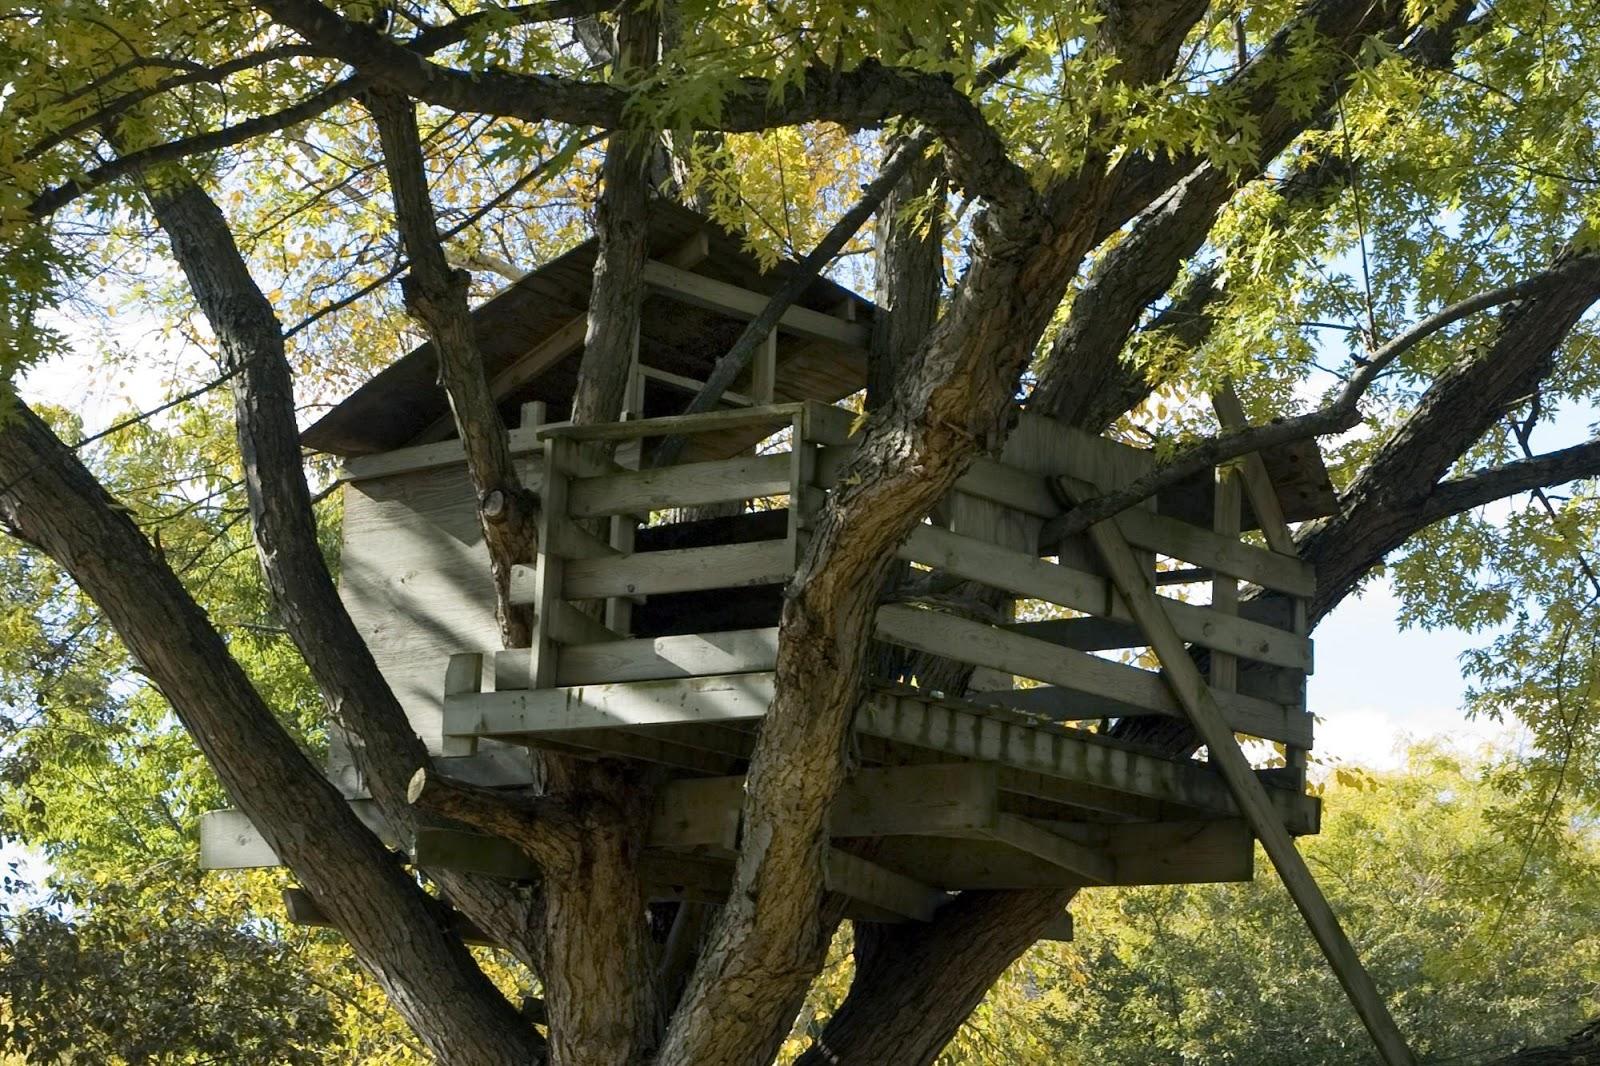 Costruire una casa sull albero per bambini ww99 - Come costruire una casa sull albero ...